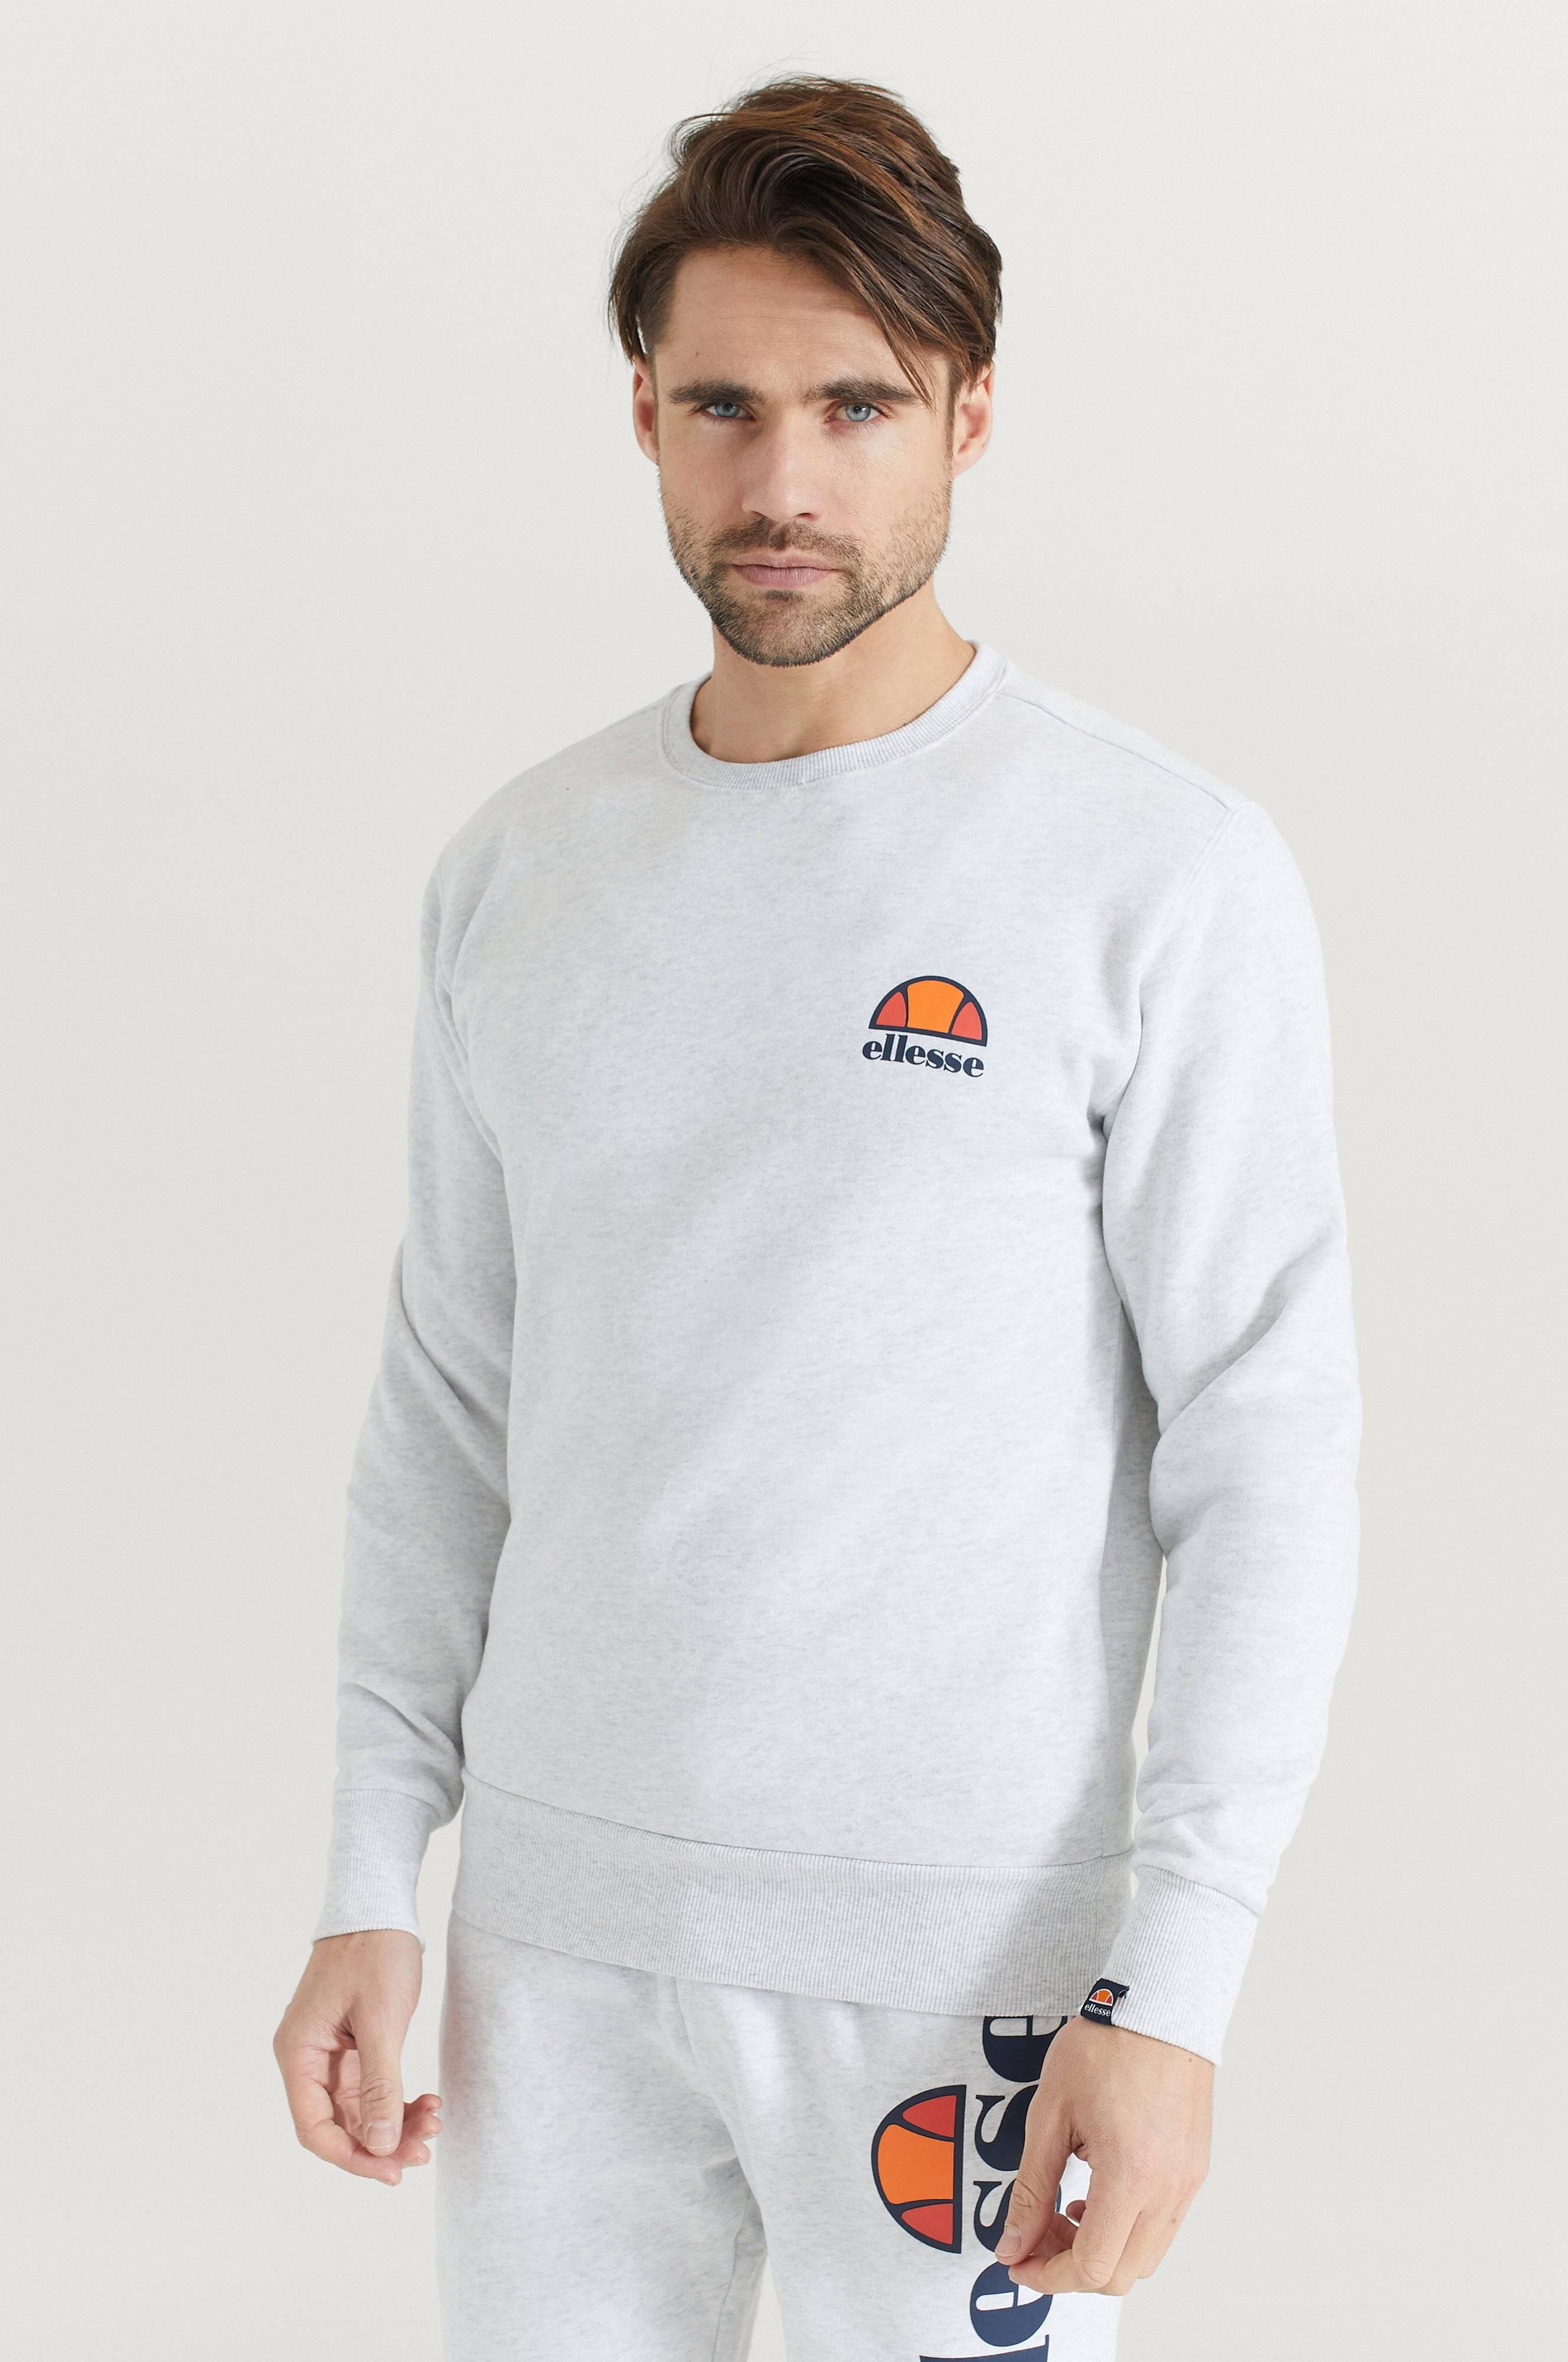 Sweatshirt El Diveria